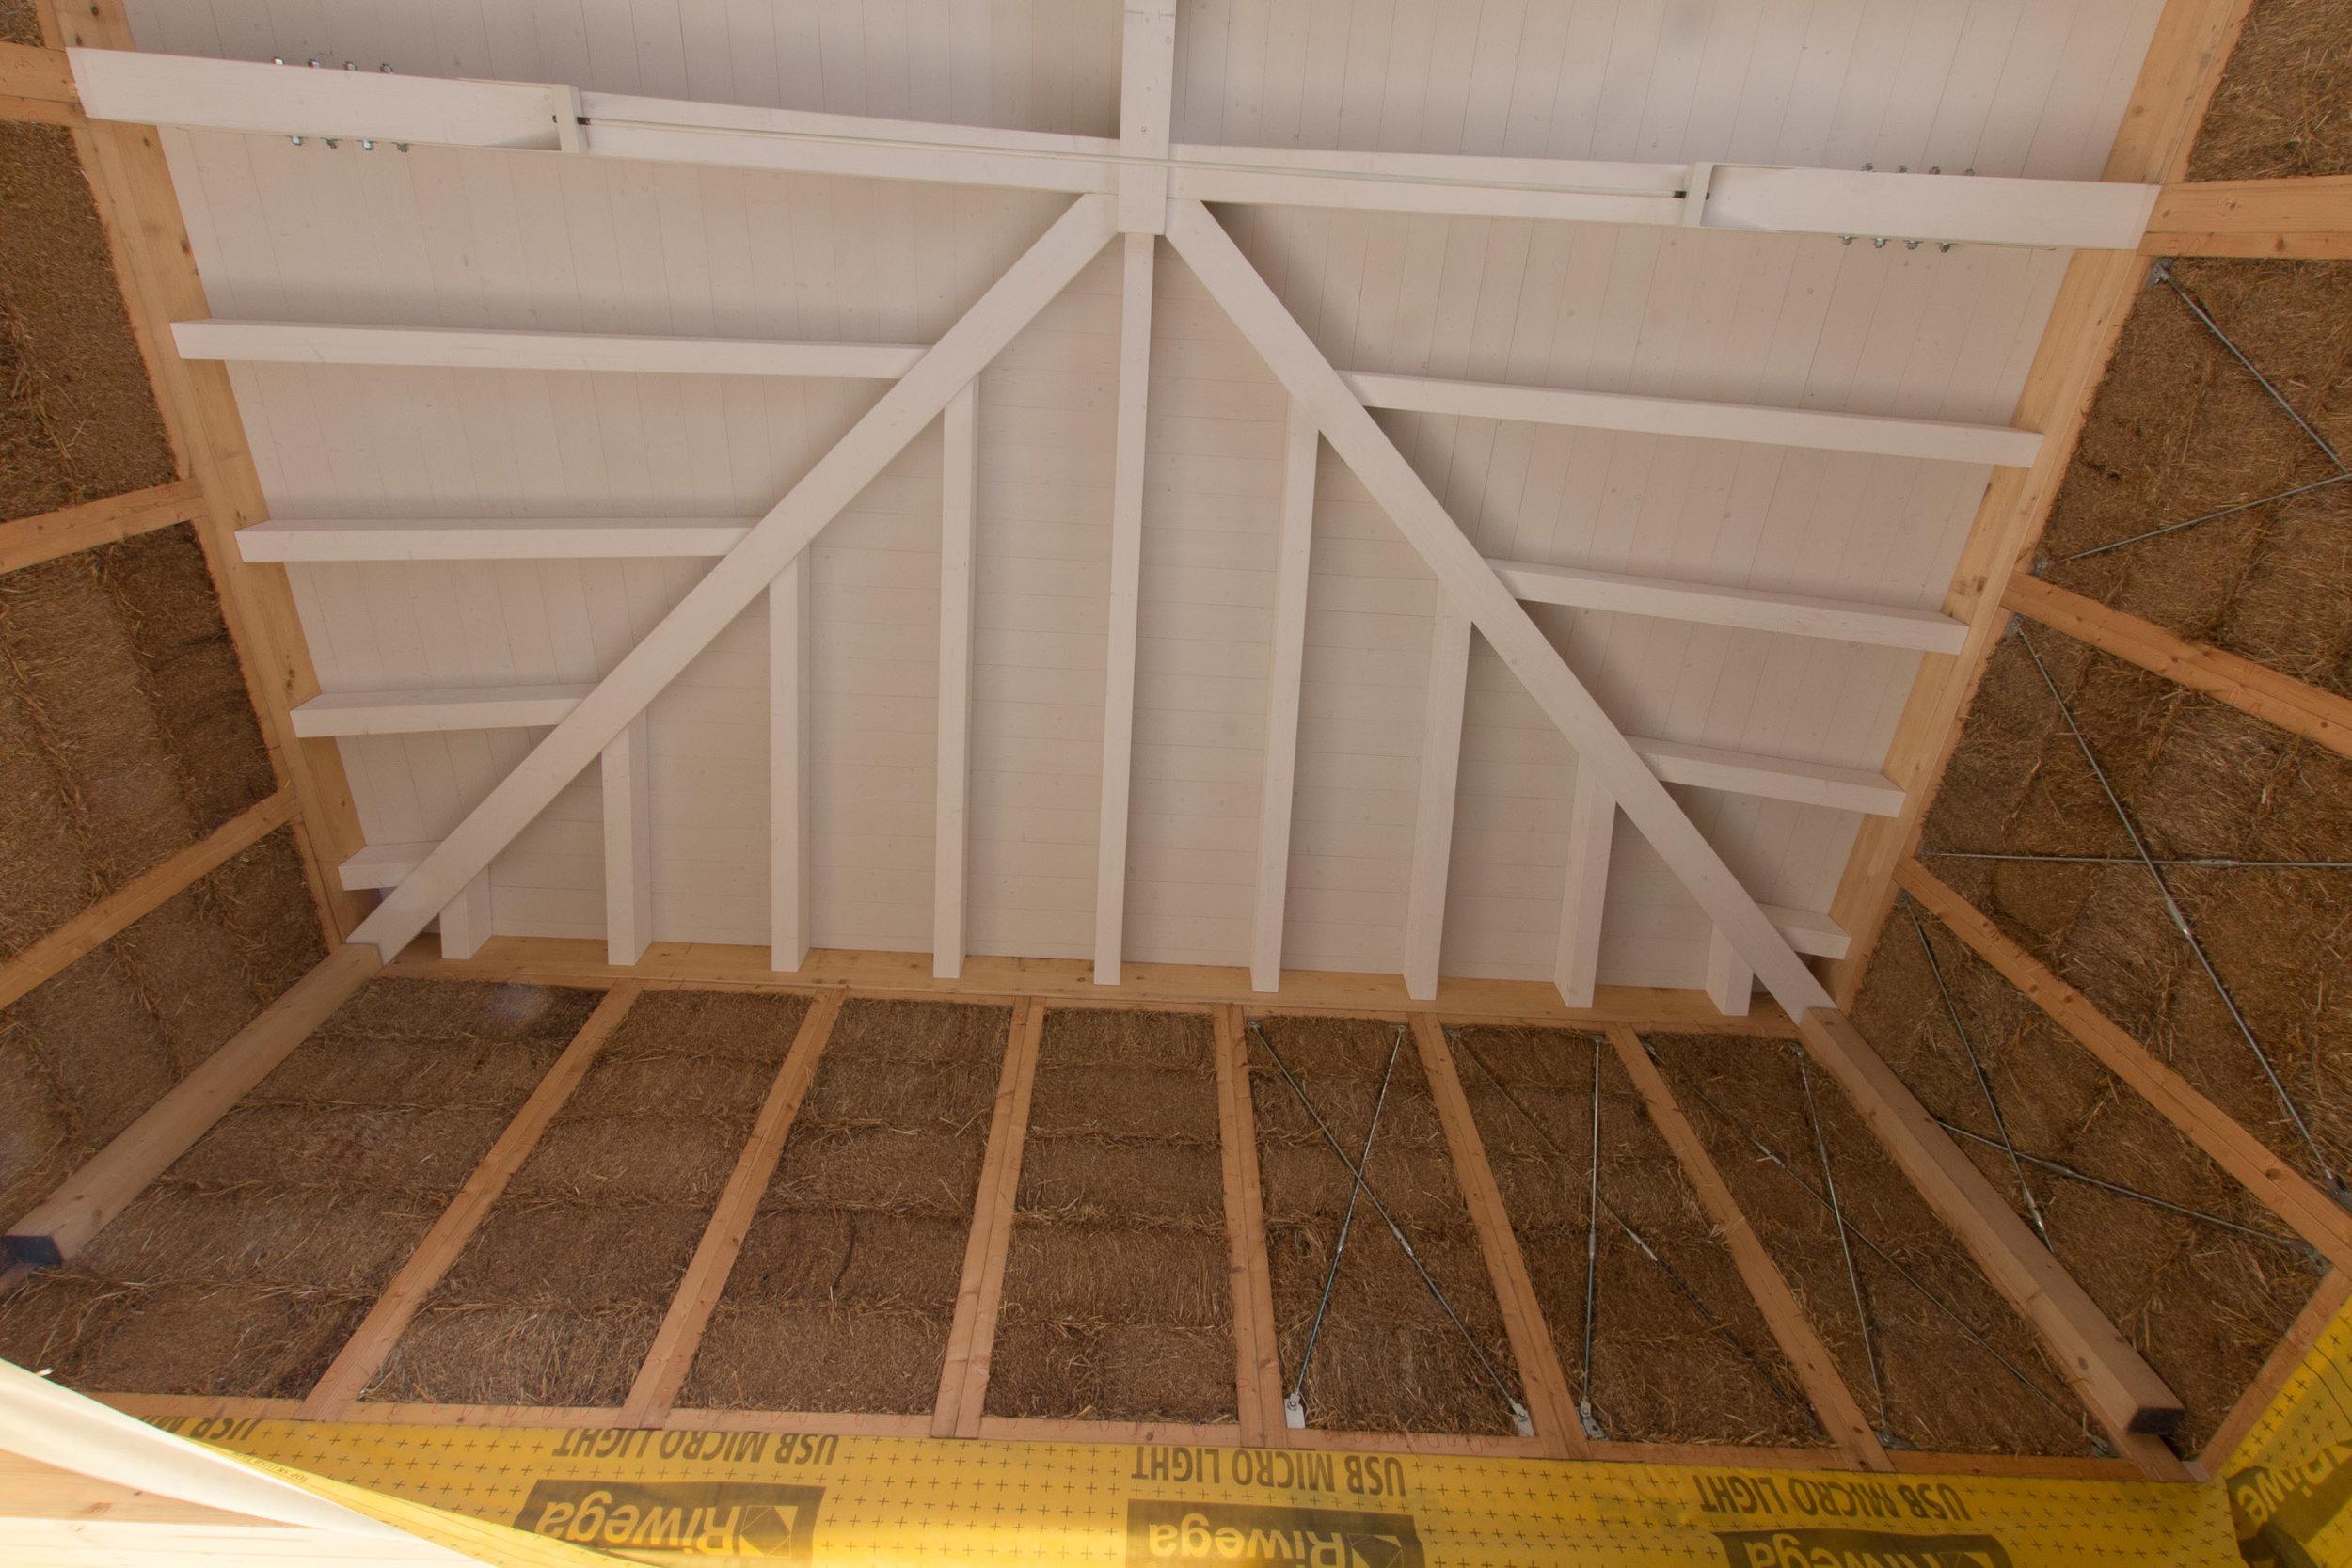 Cordolo di collegamento tra i muri e la copertura in legno